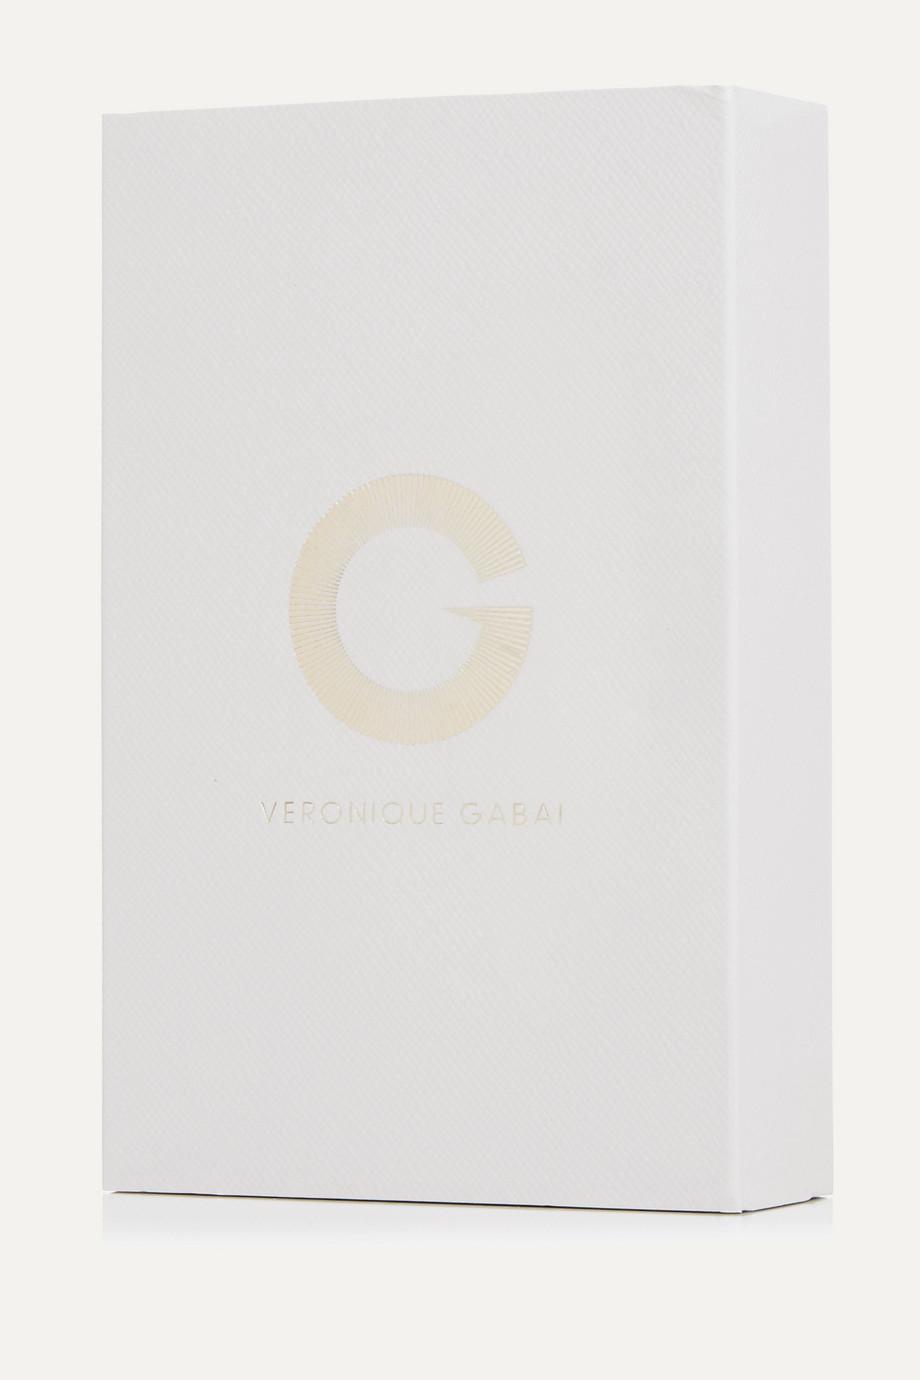 Veronique Gabai Eau de Parfum Travel Case Refill - Souvenirs de Tunisie, 10ml